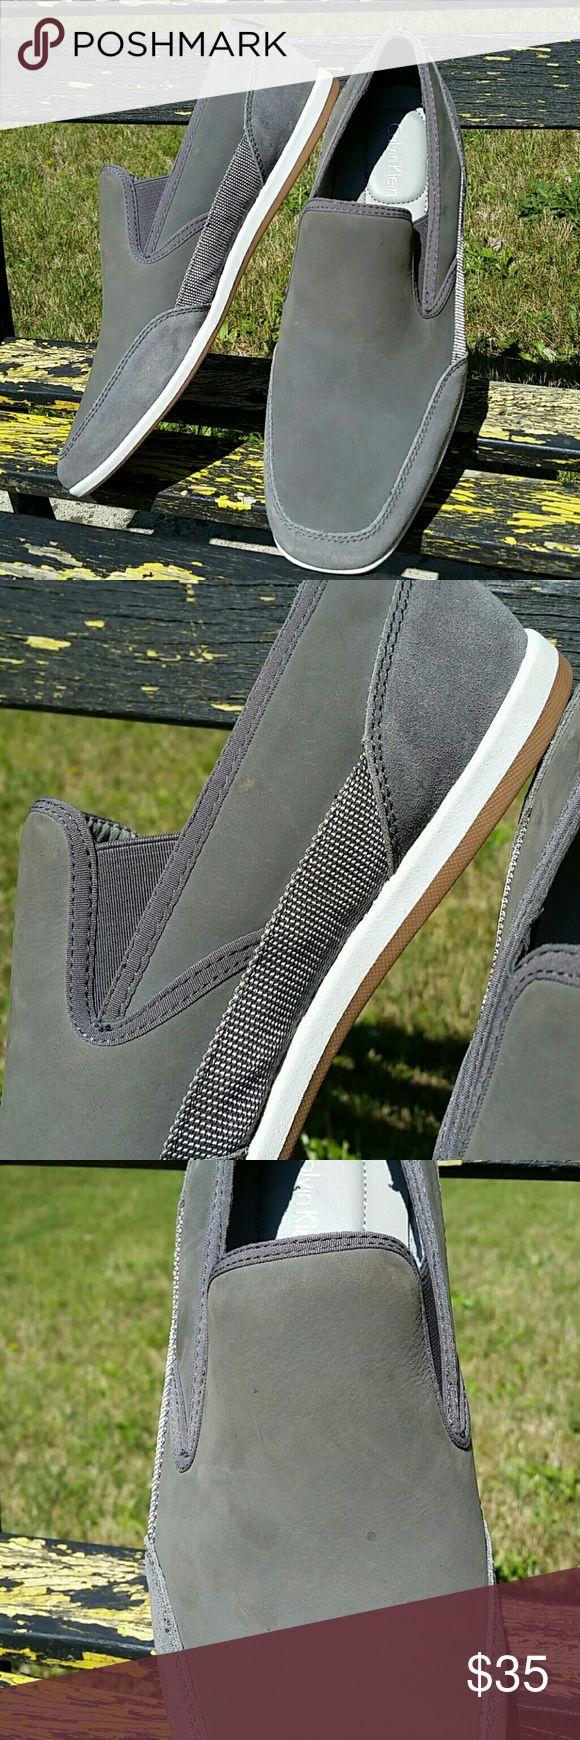 NWOT Calvin Klein Slip On Sneaker Loafers Gray Calvin Klein Slip On Sneaker Loafers Mens Gray 9.5 Calvin Klein Shoes Loafers & Slip-Ons